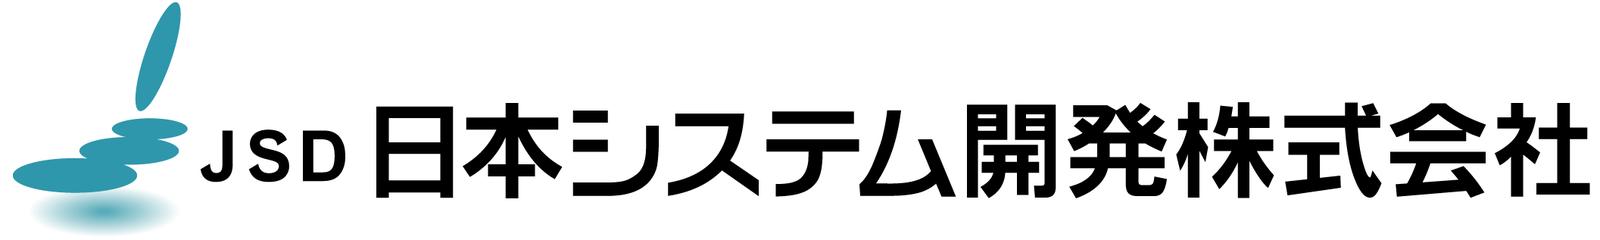 日本システム開発株式会社(JSD)